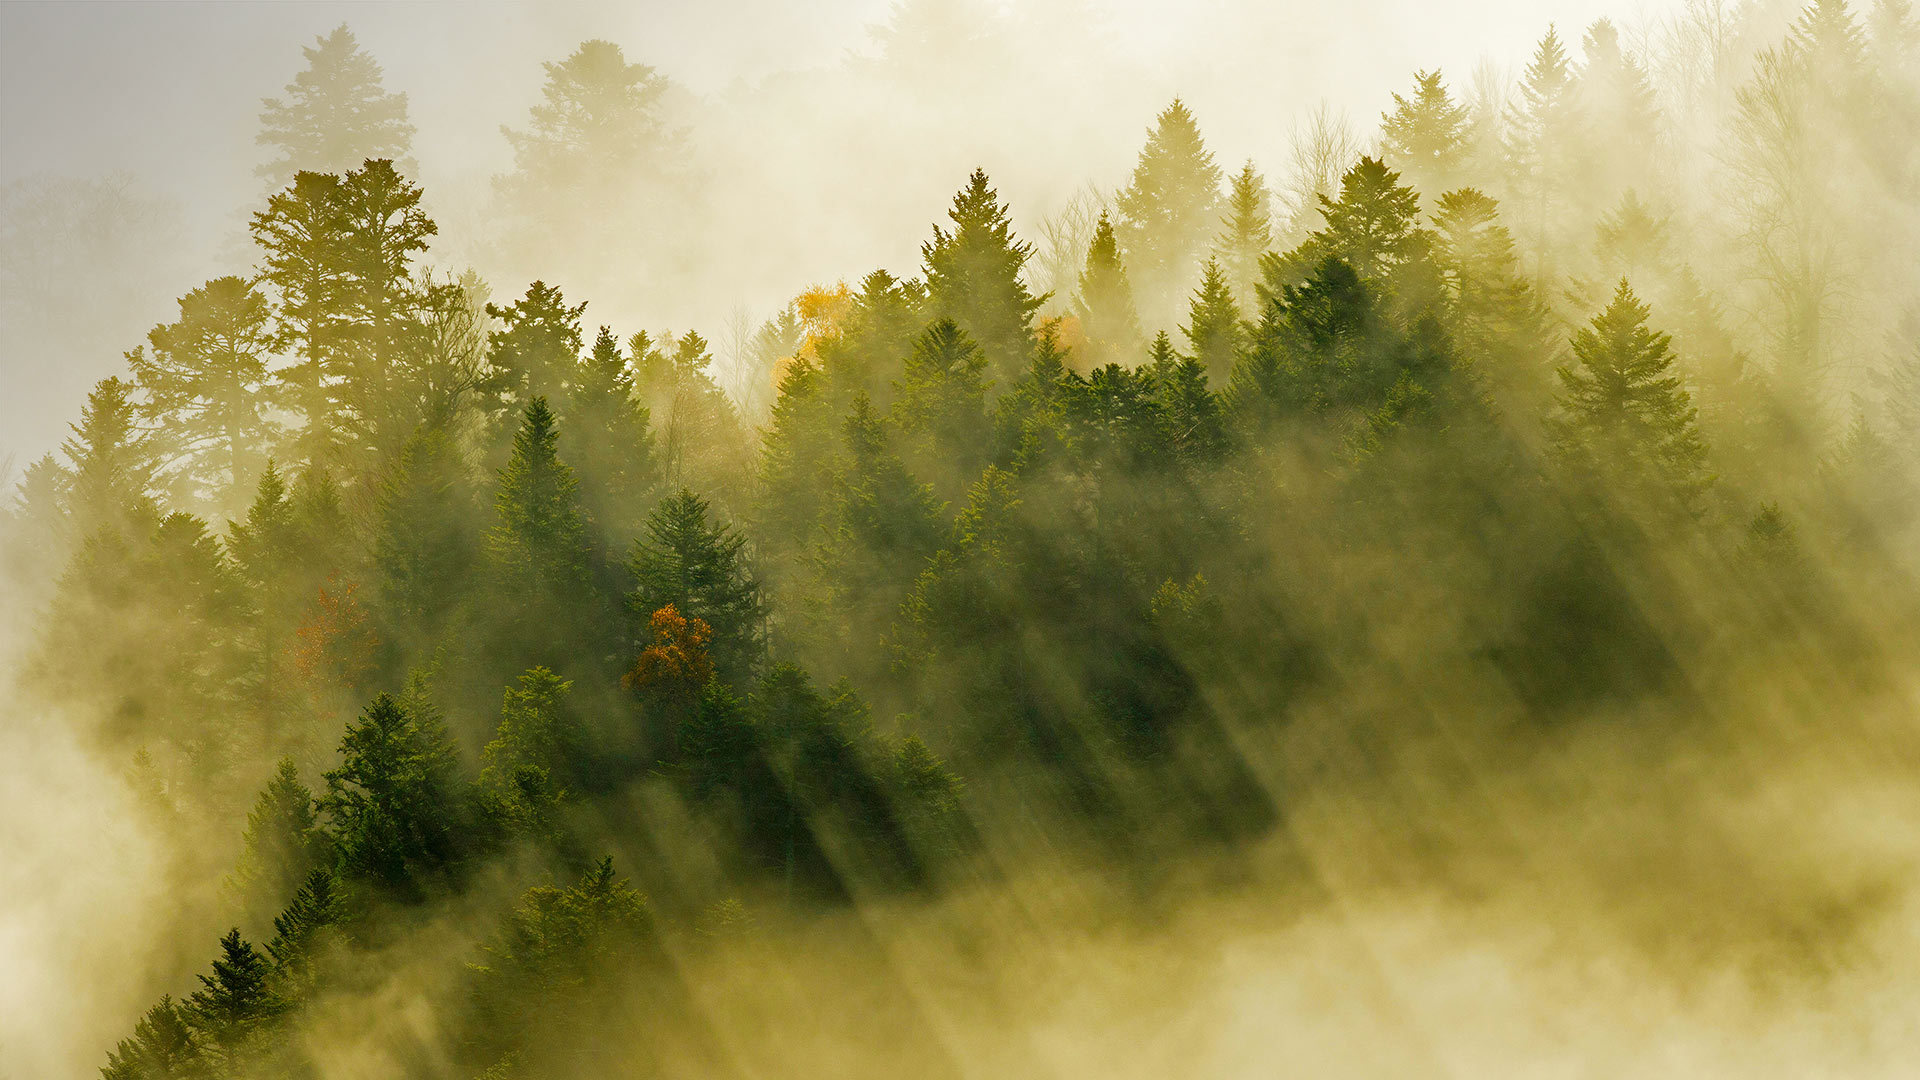 孚日山脉的针叶林